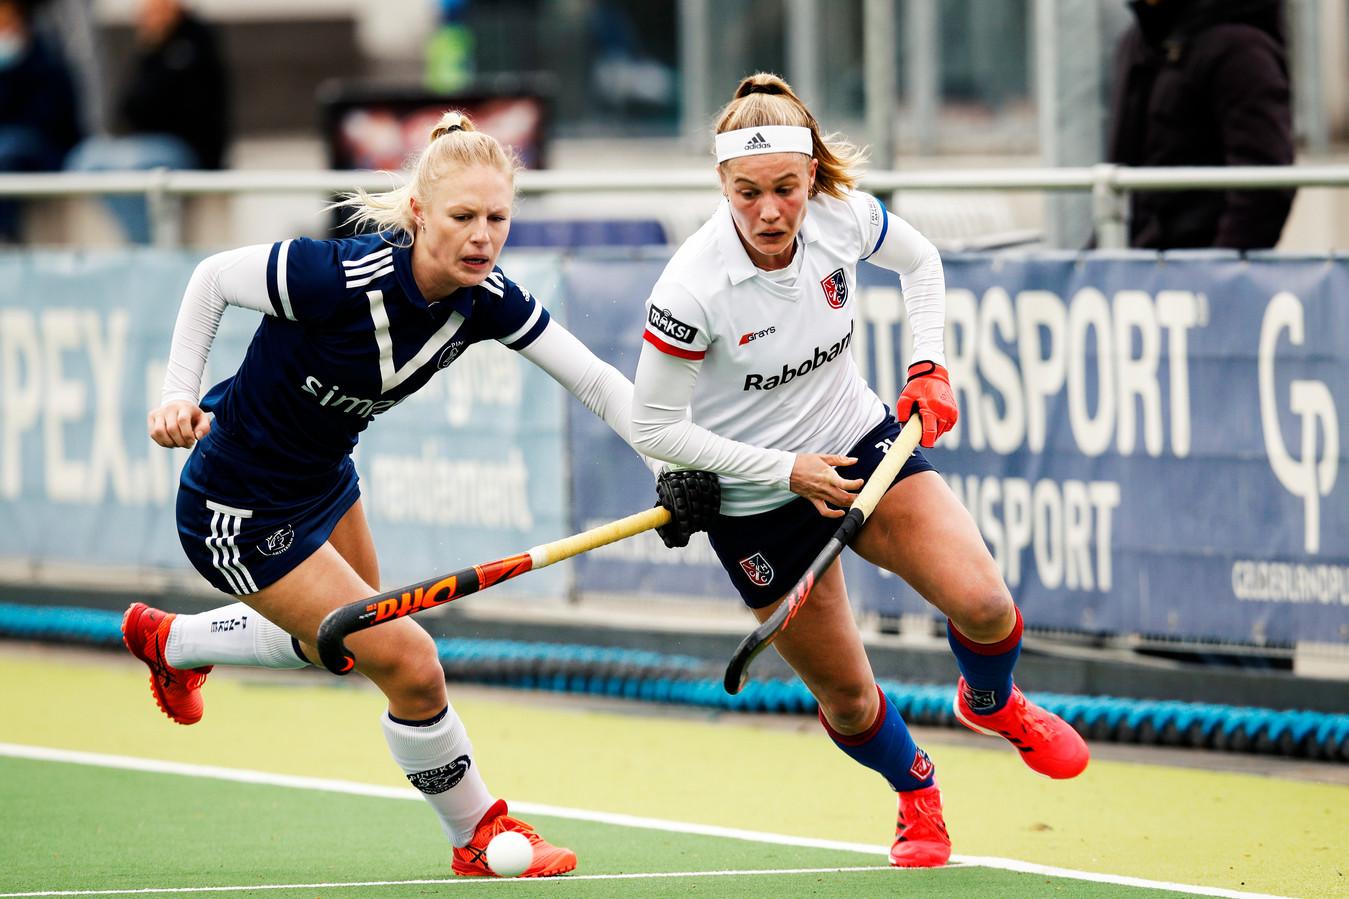 SCHC-aanvalster Pien Dicke (rechts) passeert Pinoké-speelster Daphne van der Vaart.